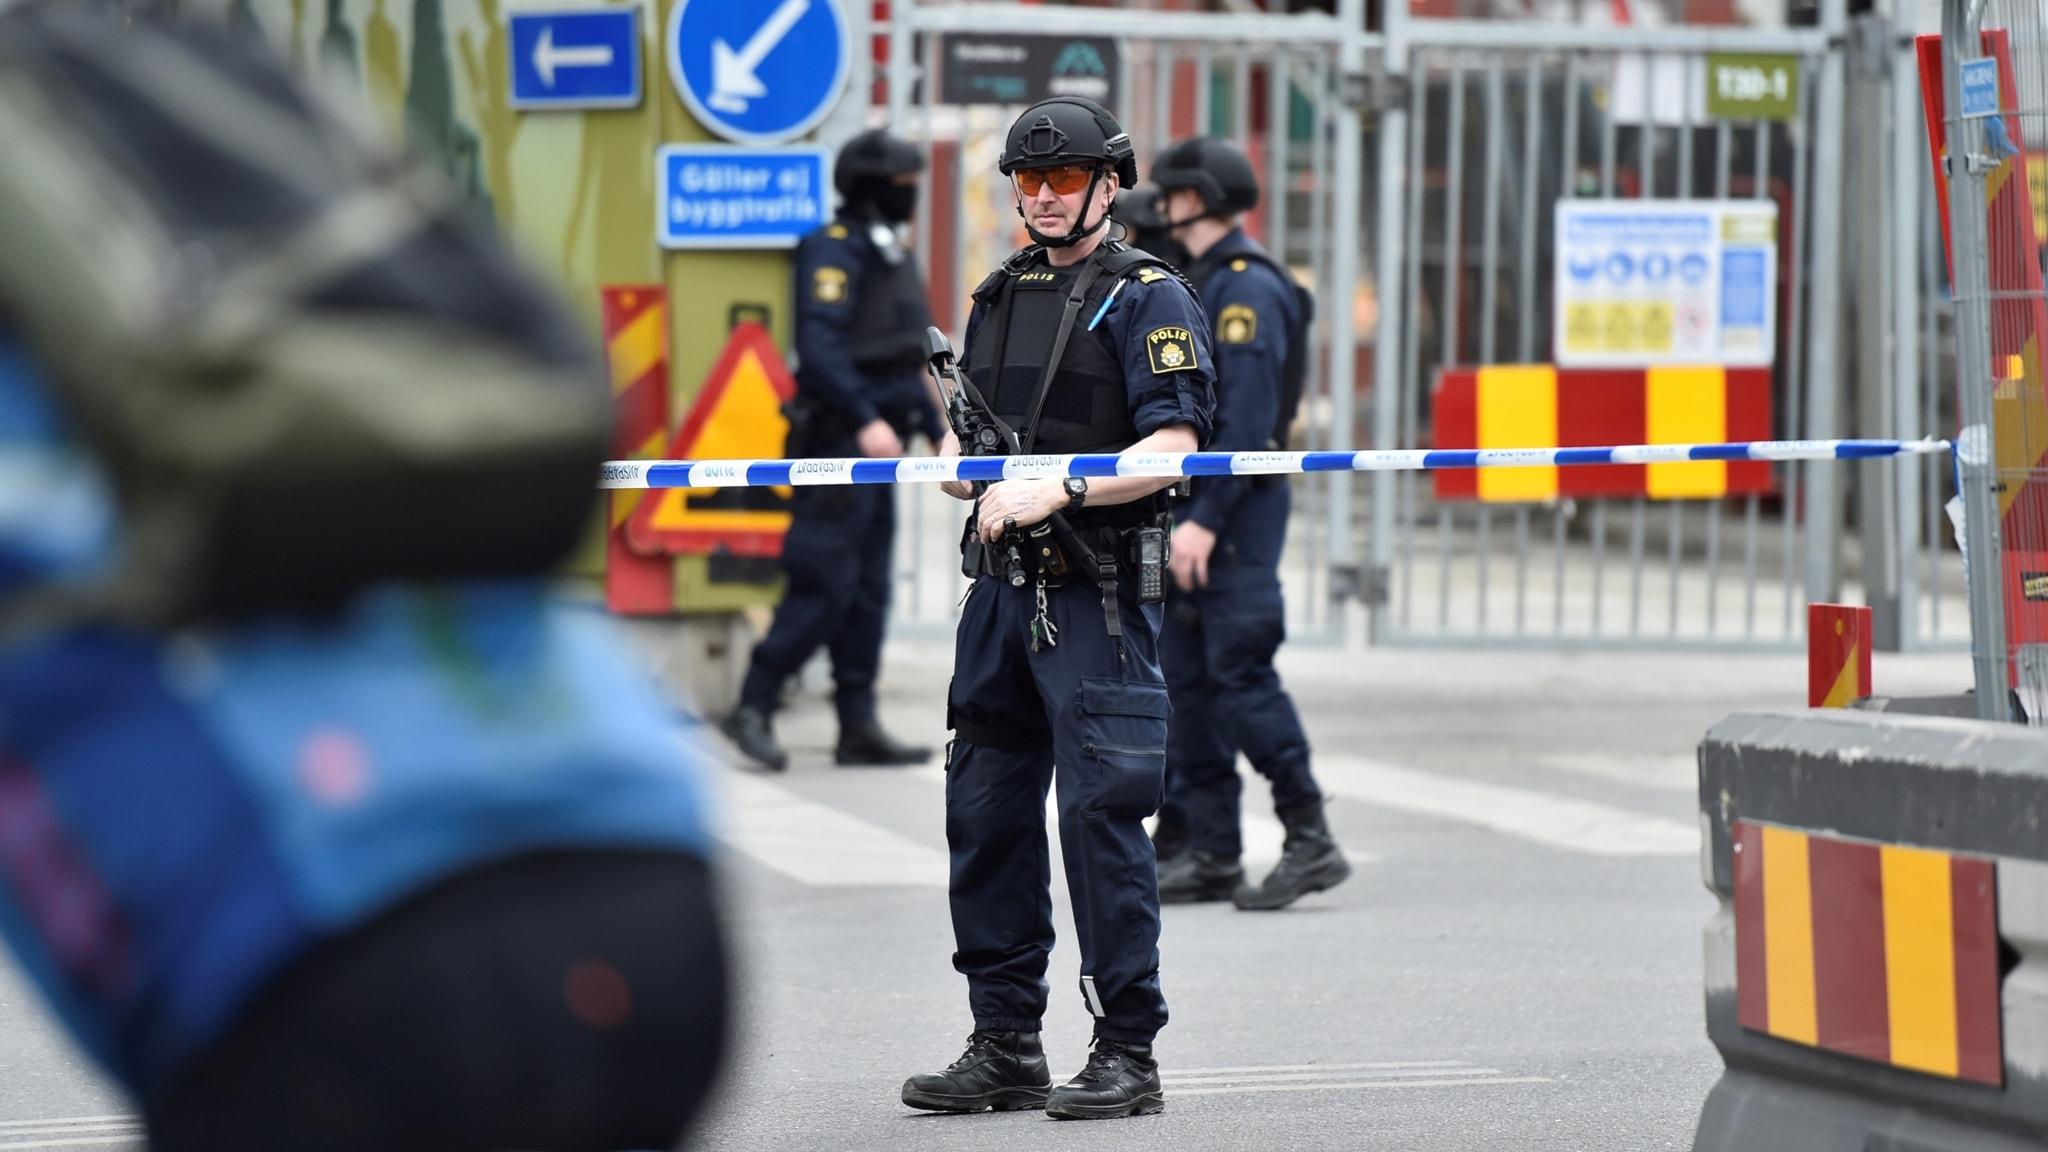 SPECIALPODD lördagen den 8:e april: Hemsk attack i Stockholm